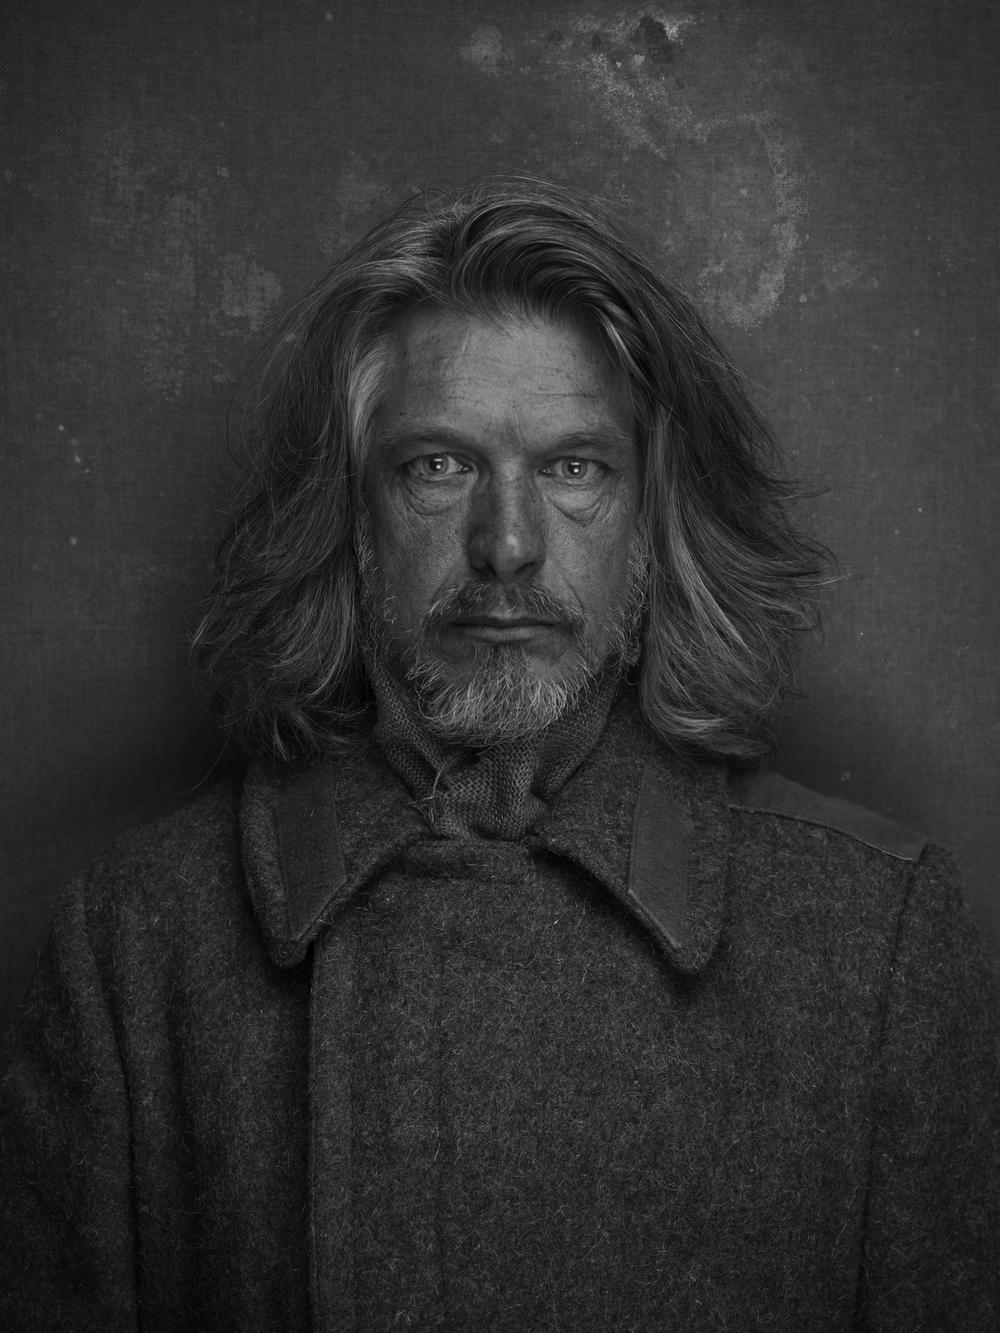 rene-koster-series-1900-portrait-I.jpg